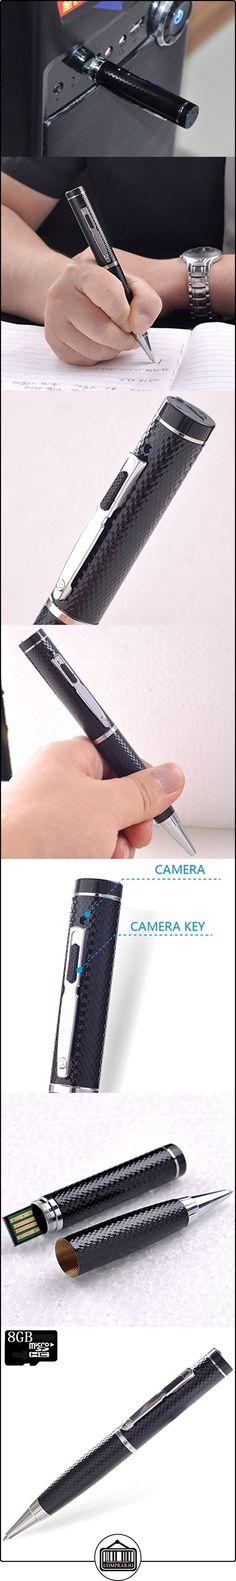 Mengshen® 5 megapíxeles Full HD 1080P cámara de la pluma de grabación de vídeo Mini cámara oculta Pluma videocámara de la cámara (tarjeta de 8GB TF incluido) MS-PW01C ✿ Vigilabebés - Seguridad ✿ ▬► Ver oferta: http://comprar.io/goto/B014U8P42G